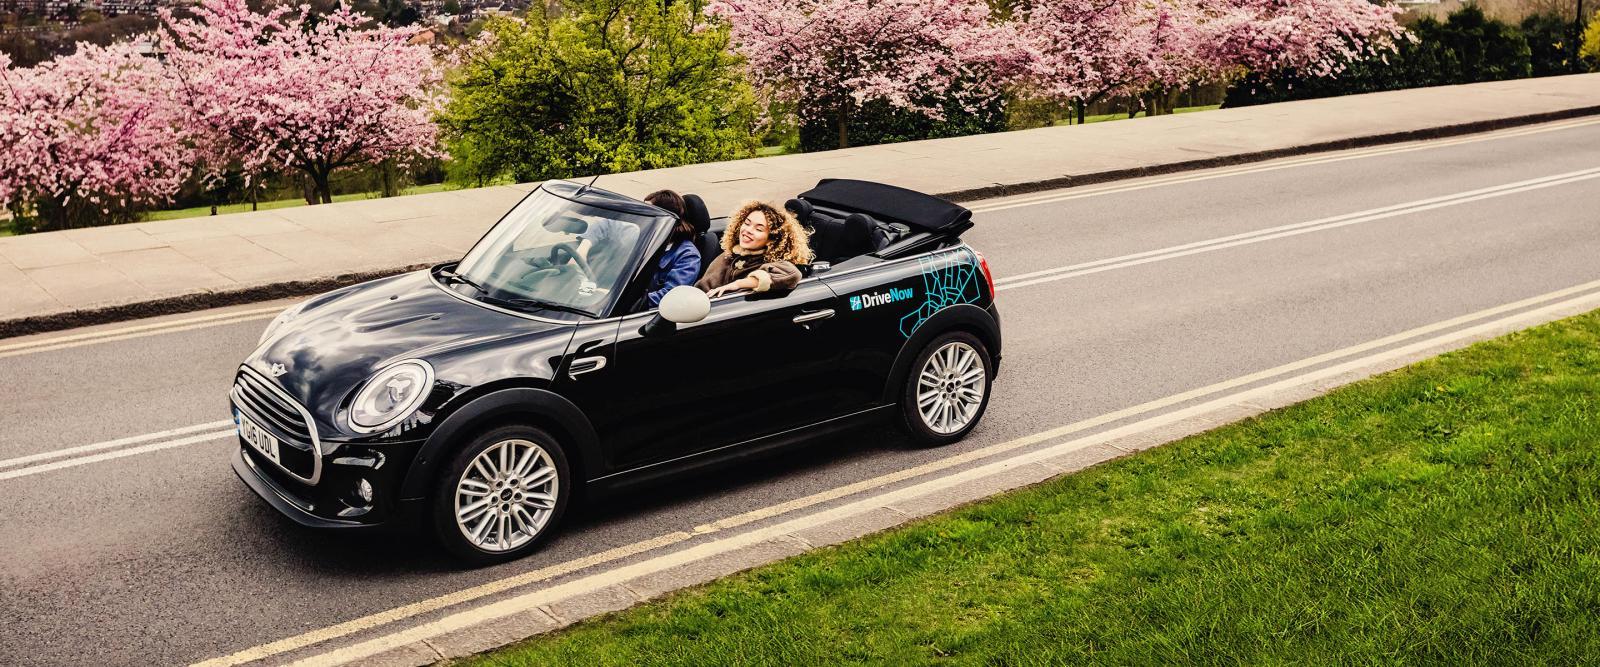 drivenow-carsharing-wien-ausflugstipps